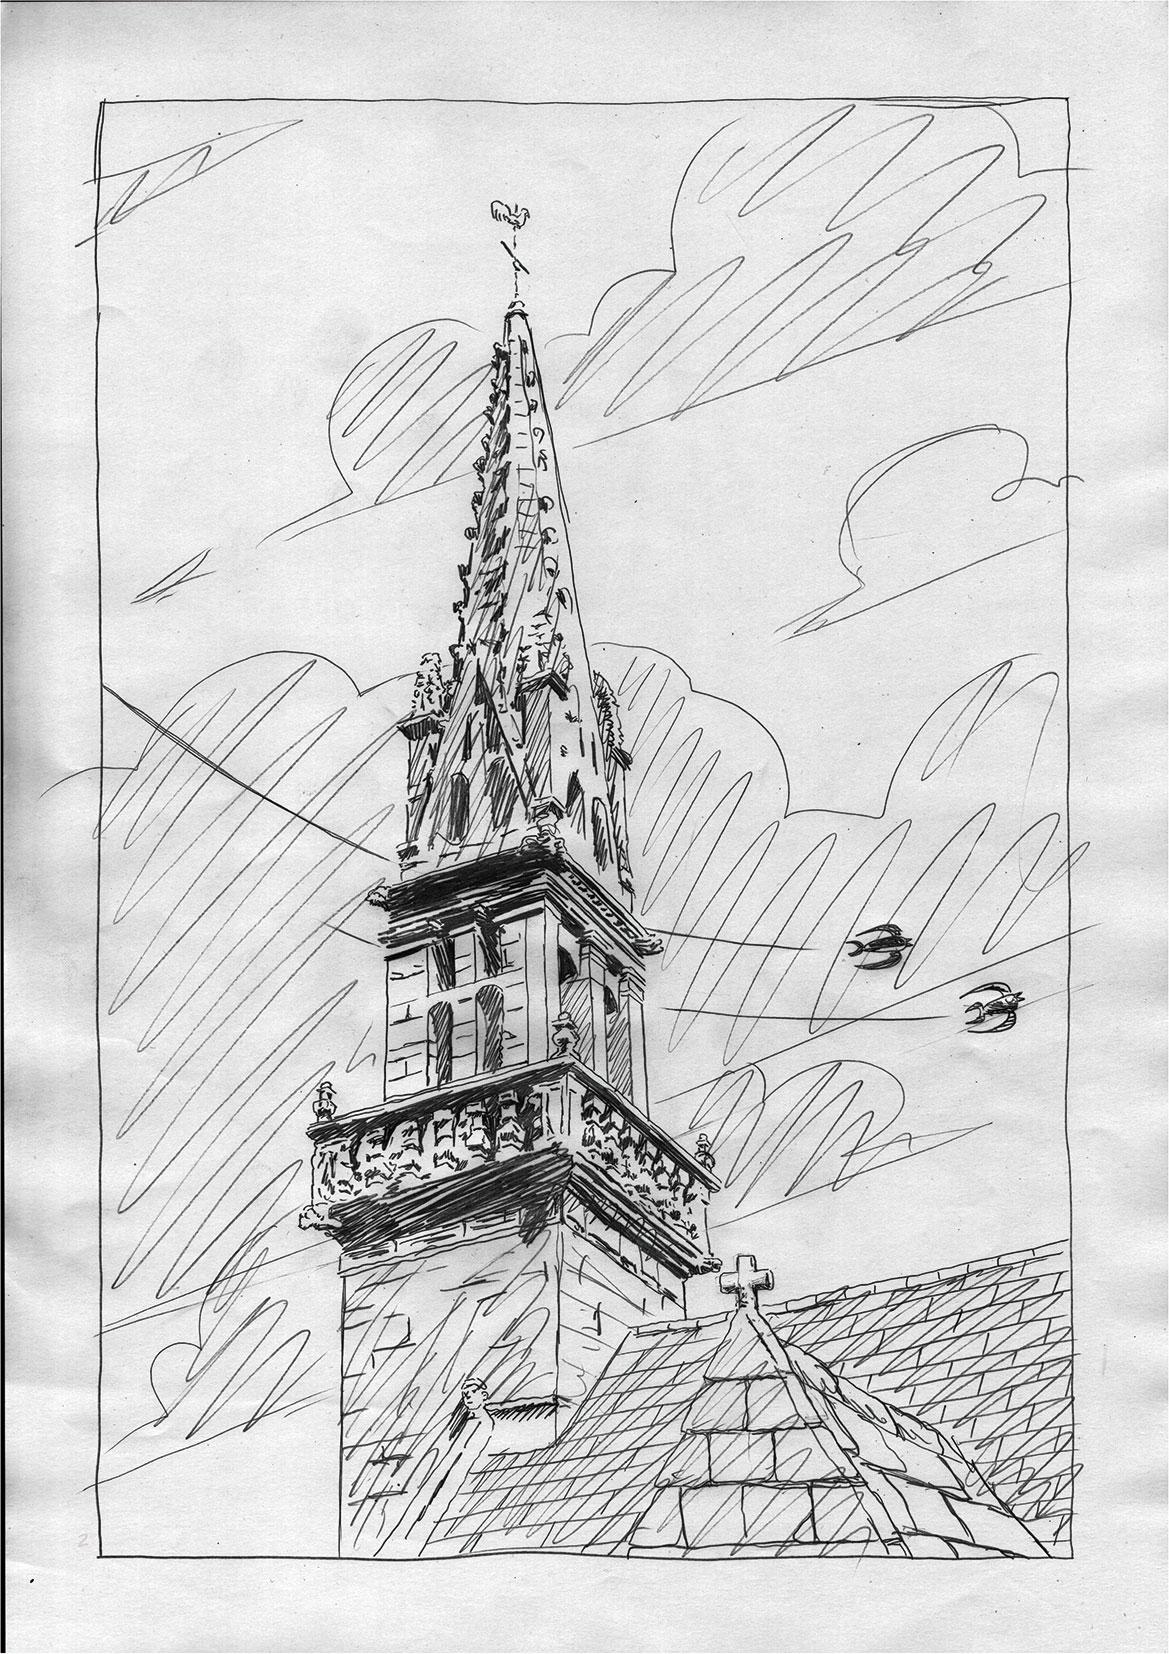 le Cheval d'Orgueil, crayonné de la page 1 © Soleil / Lizano / Galic